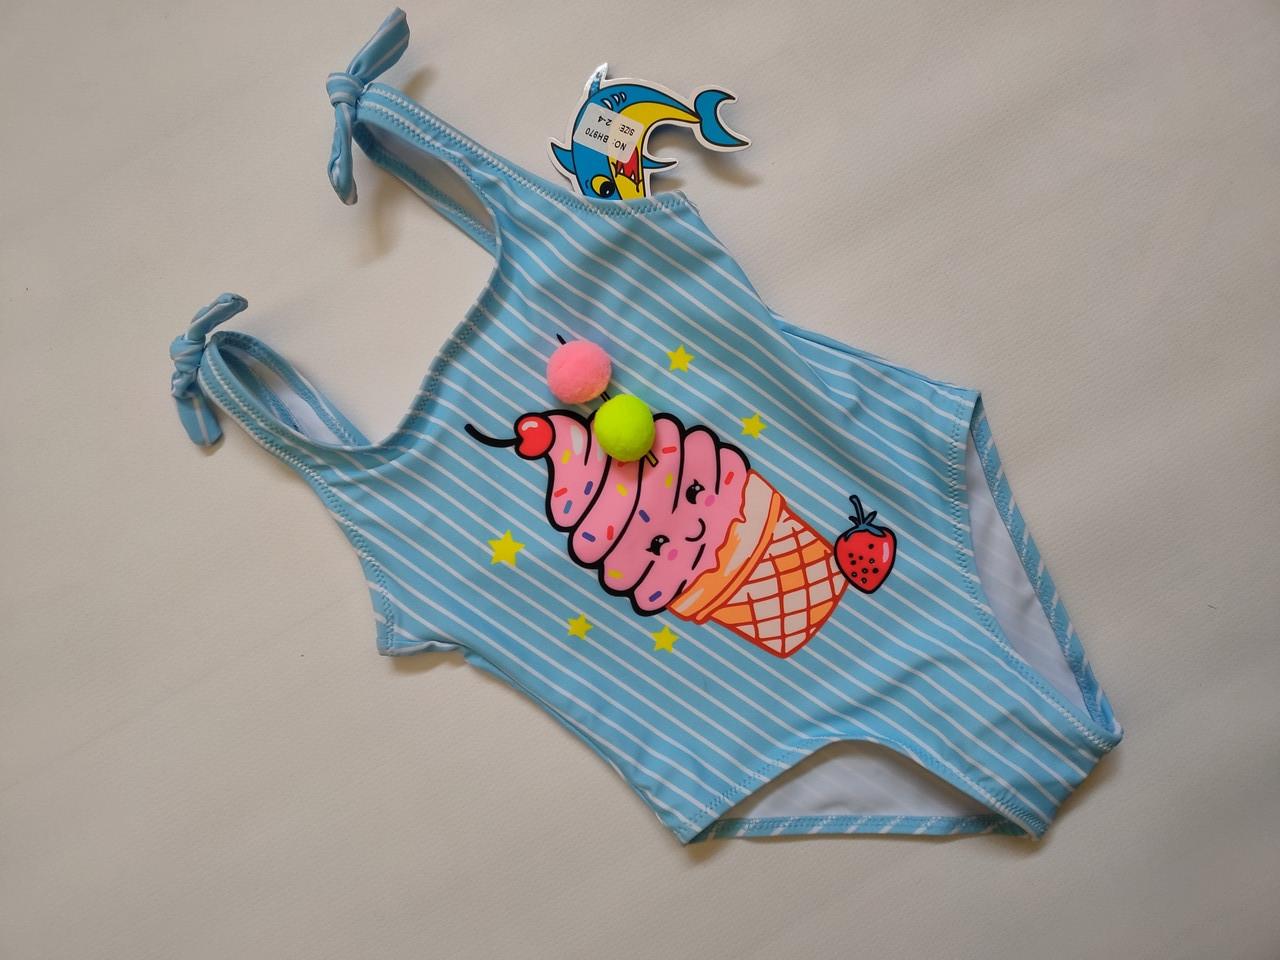 Купальник  слитный детский TERES  Пломбирчик  970 TERES  голубой (в наличии  28 30 32  размеры)